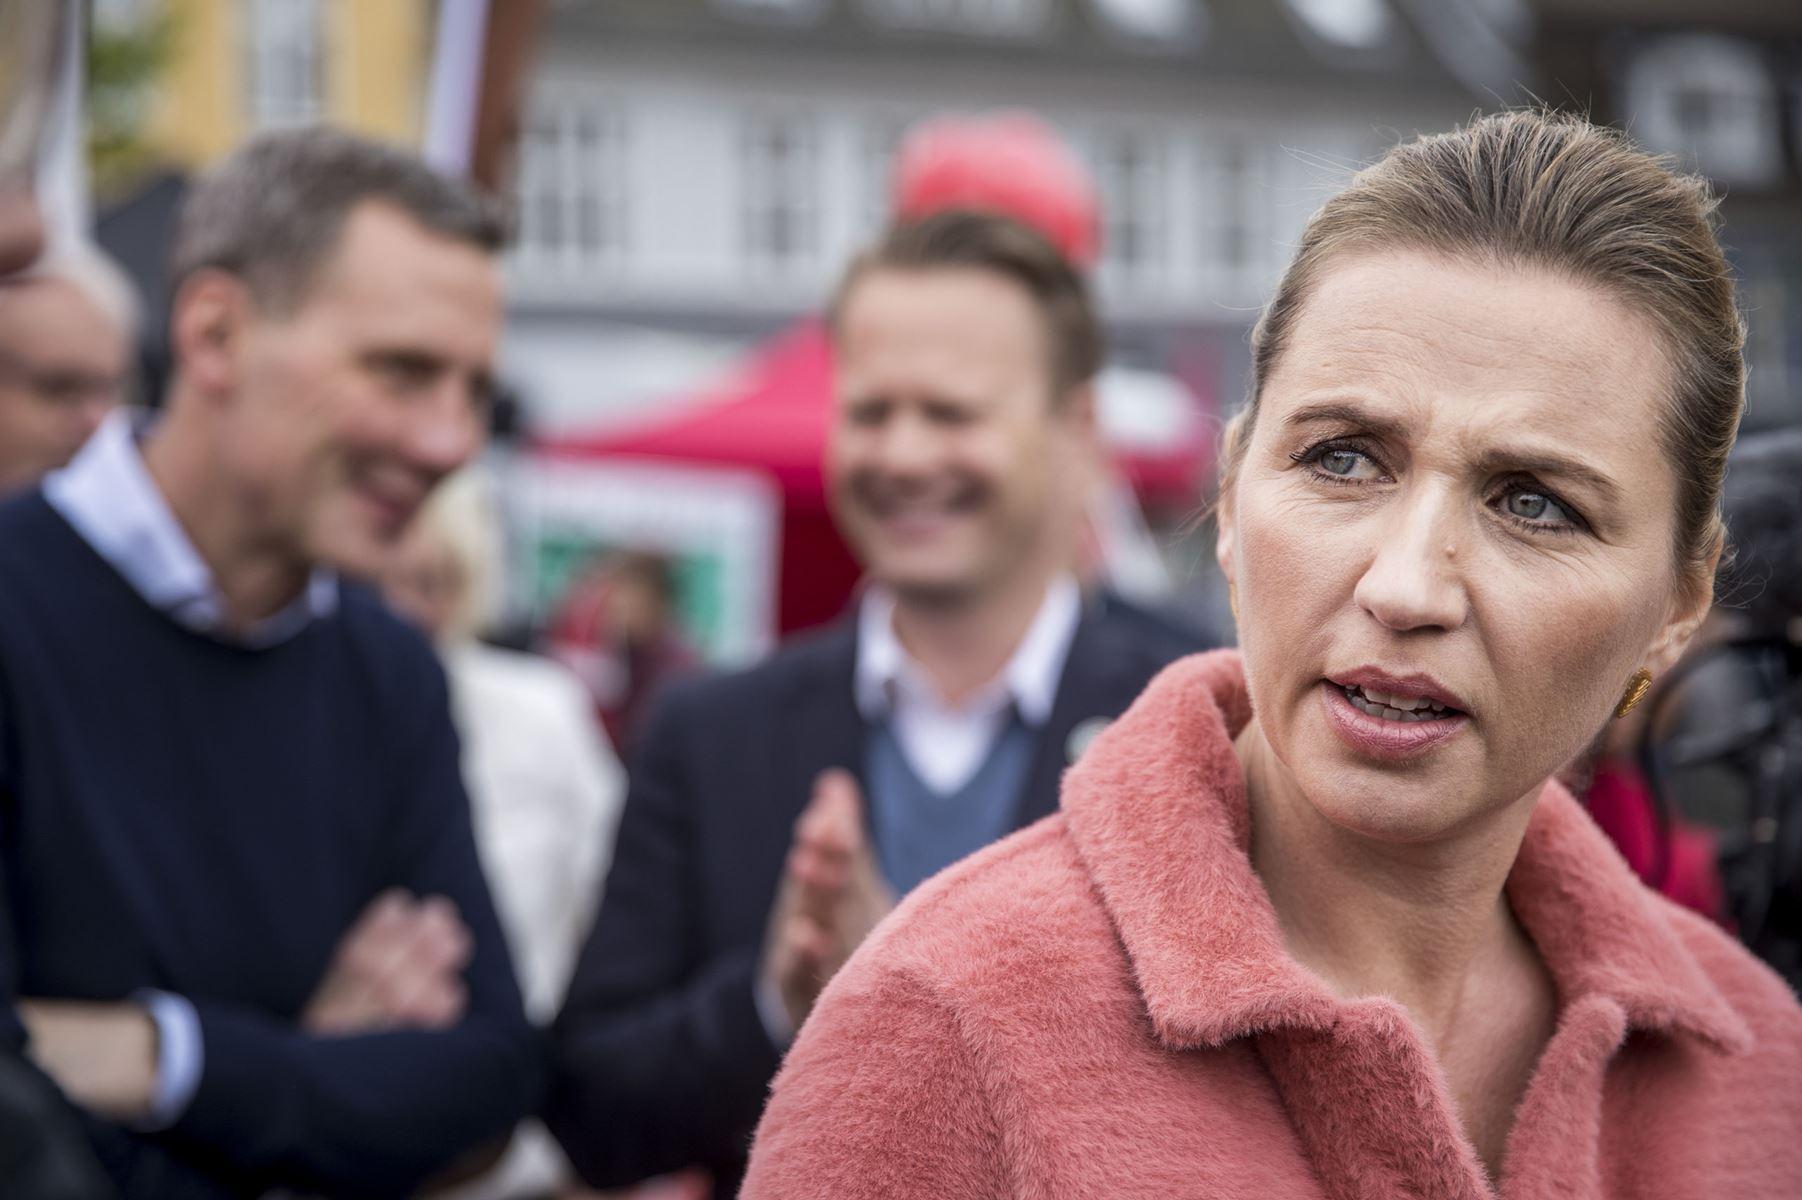 For første gang sætter Socialdemokratiet et mål for, hvor meget Danmark skal reducere CO2-udledningen i 2030.